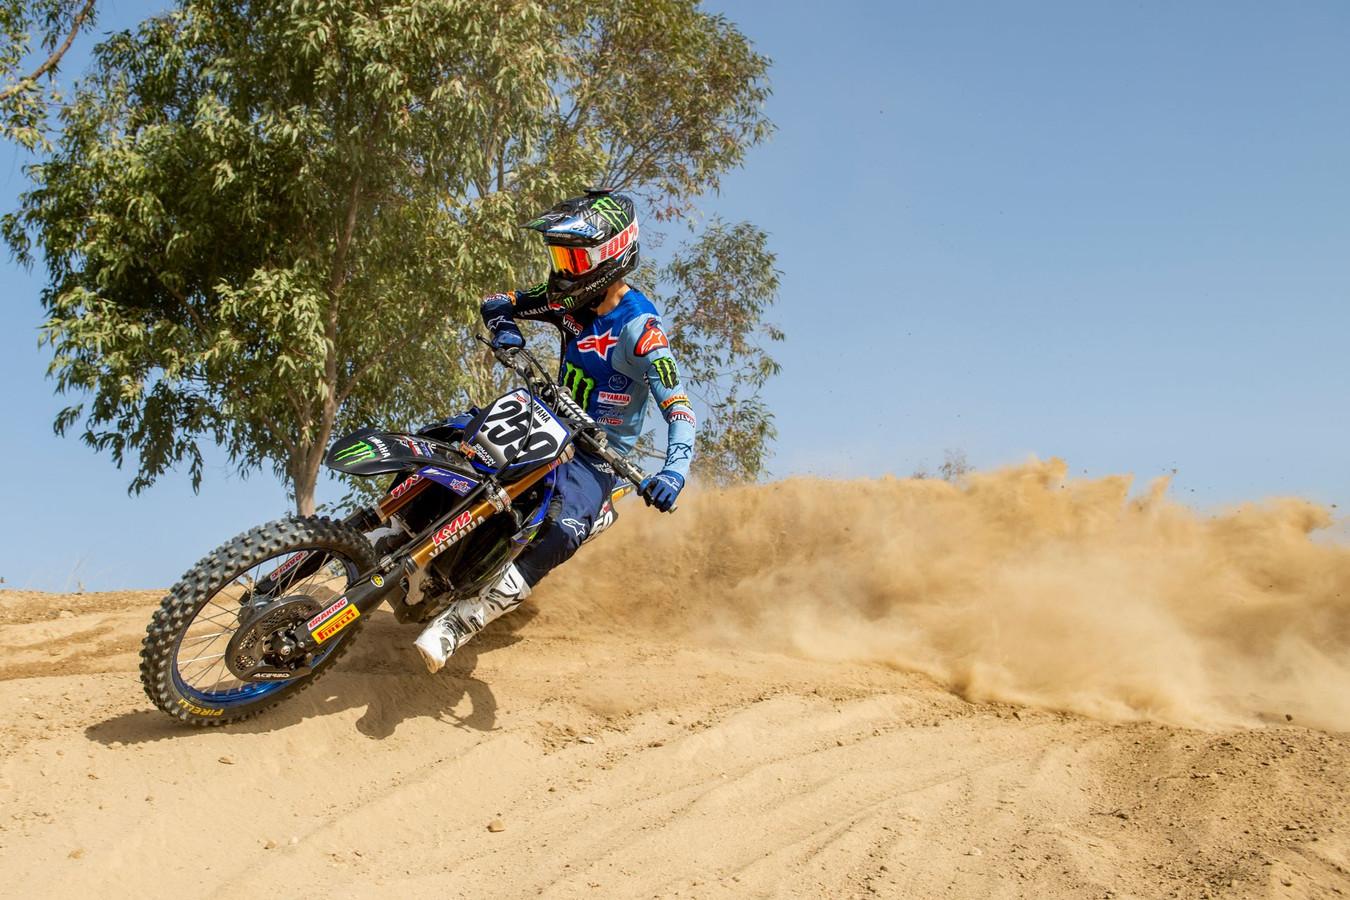 Voor Yamaha-aanwinst Glenn Coldenhoff, afkomstig uit Heesch, begint het WK-seizoen toch niet met een thuiswedstrijd, maar in Rusland.